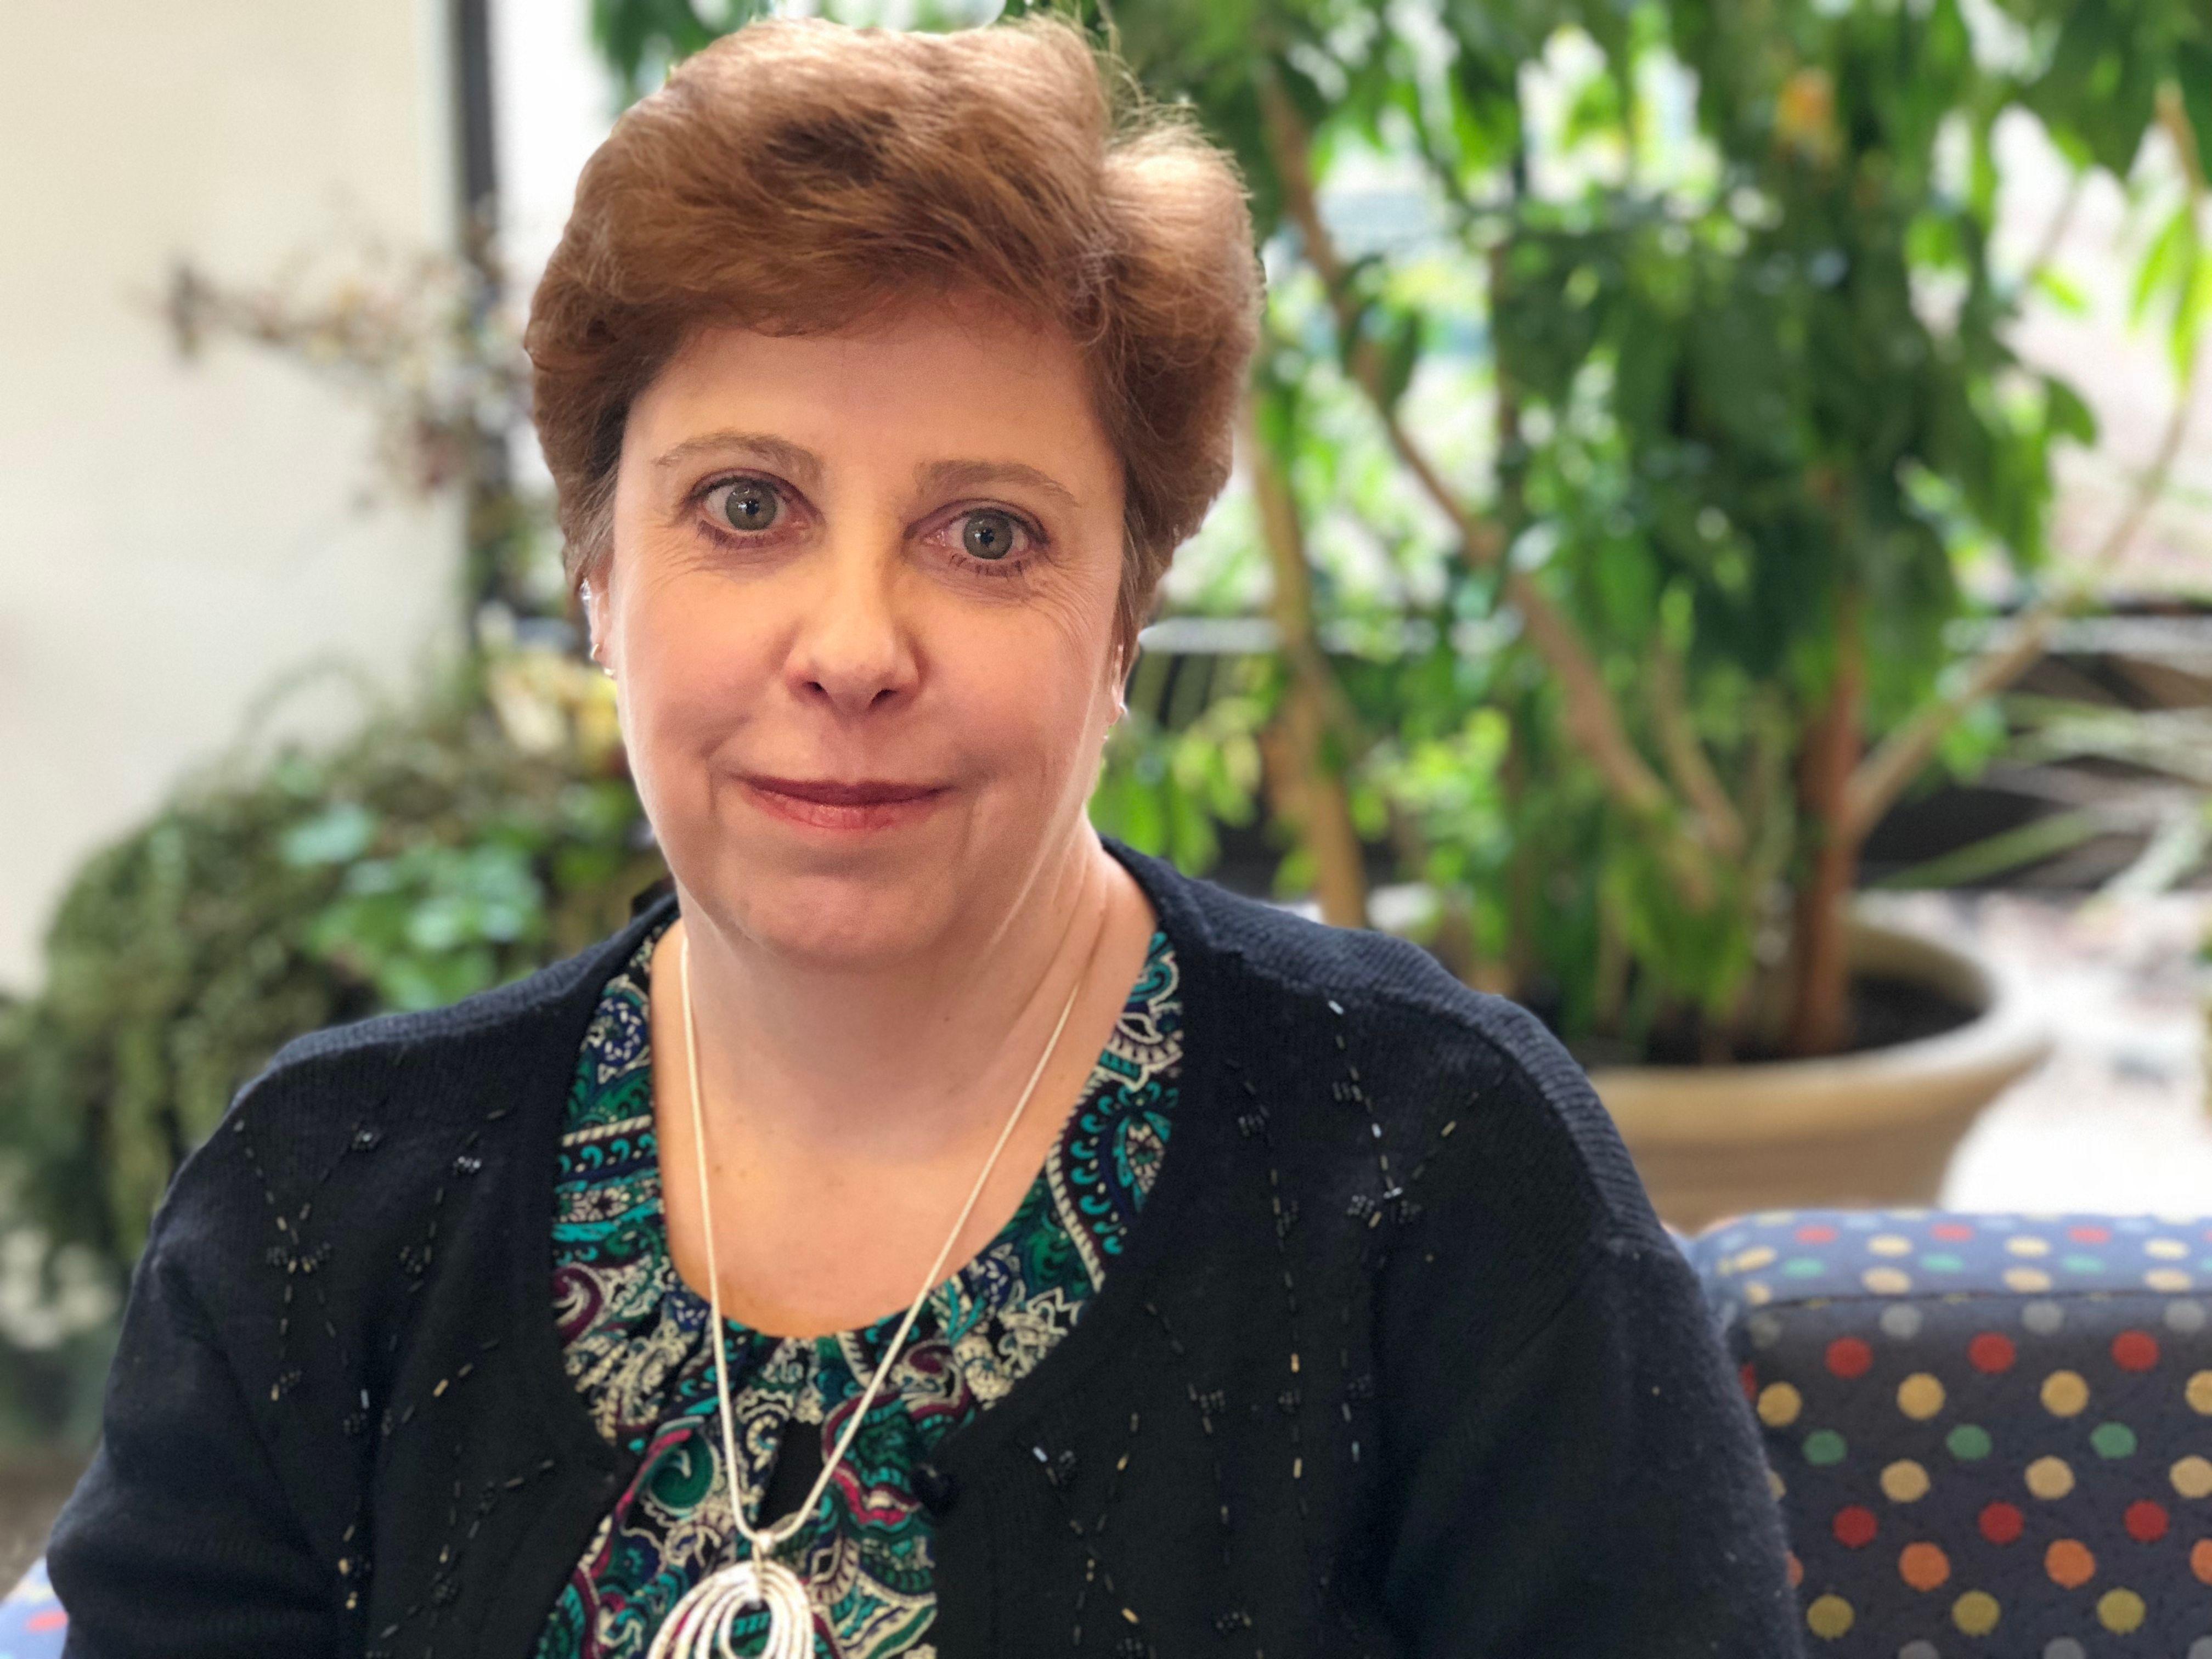 Gina Kozicki